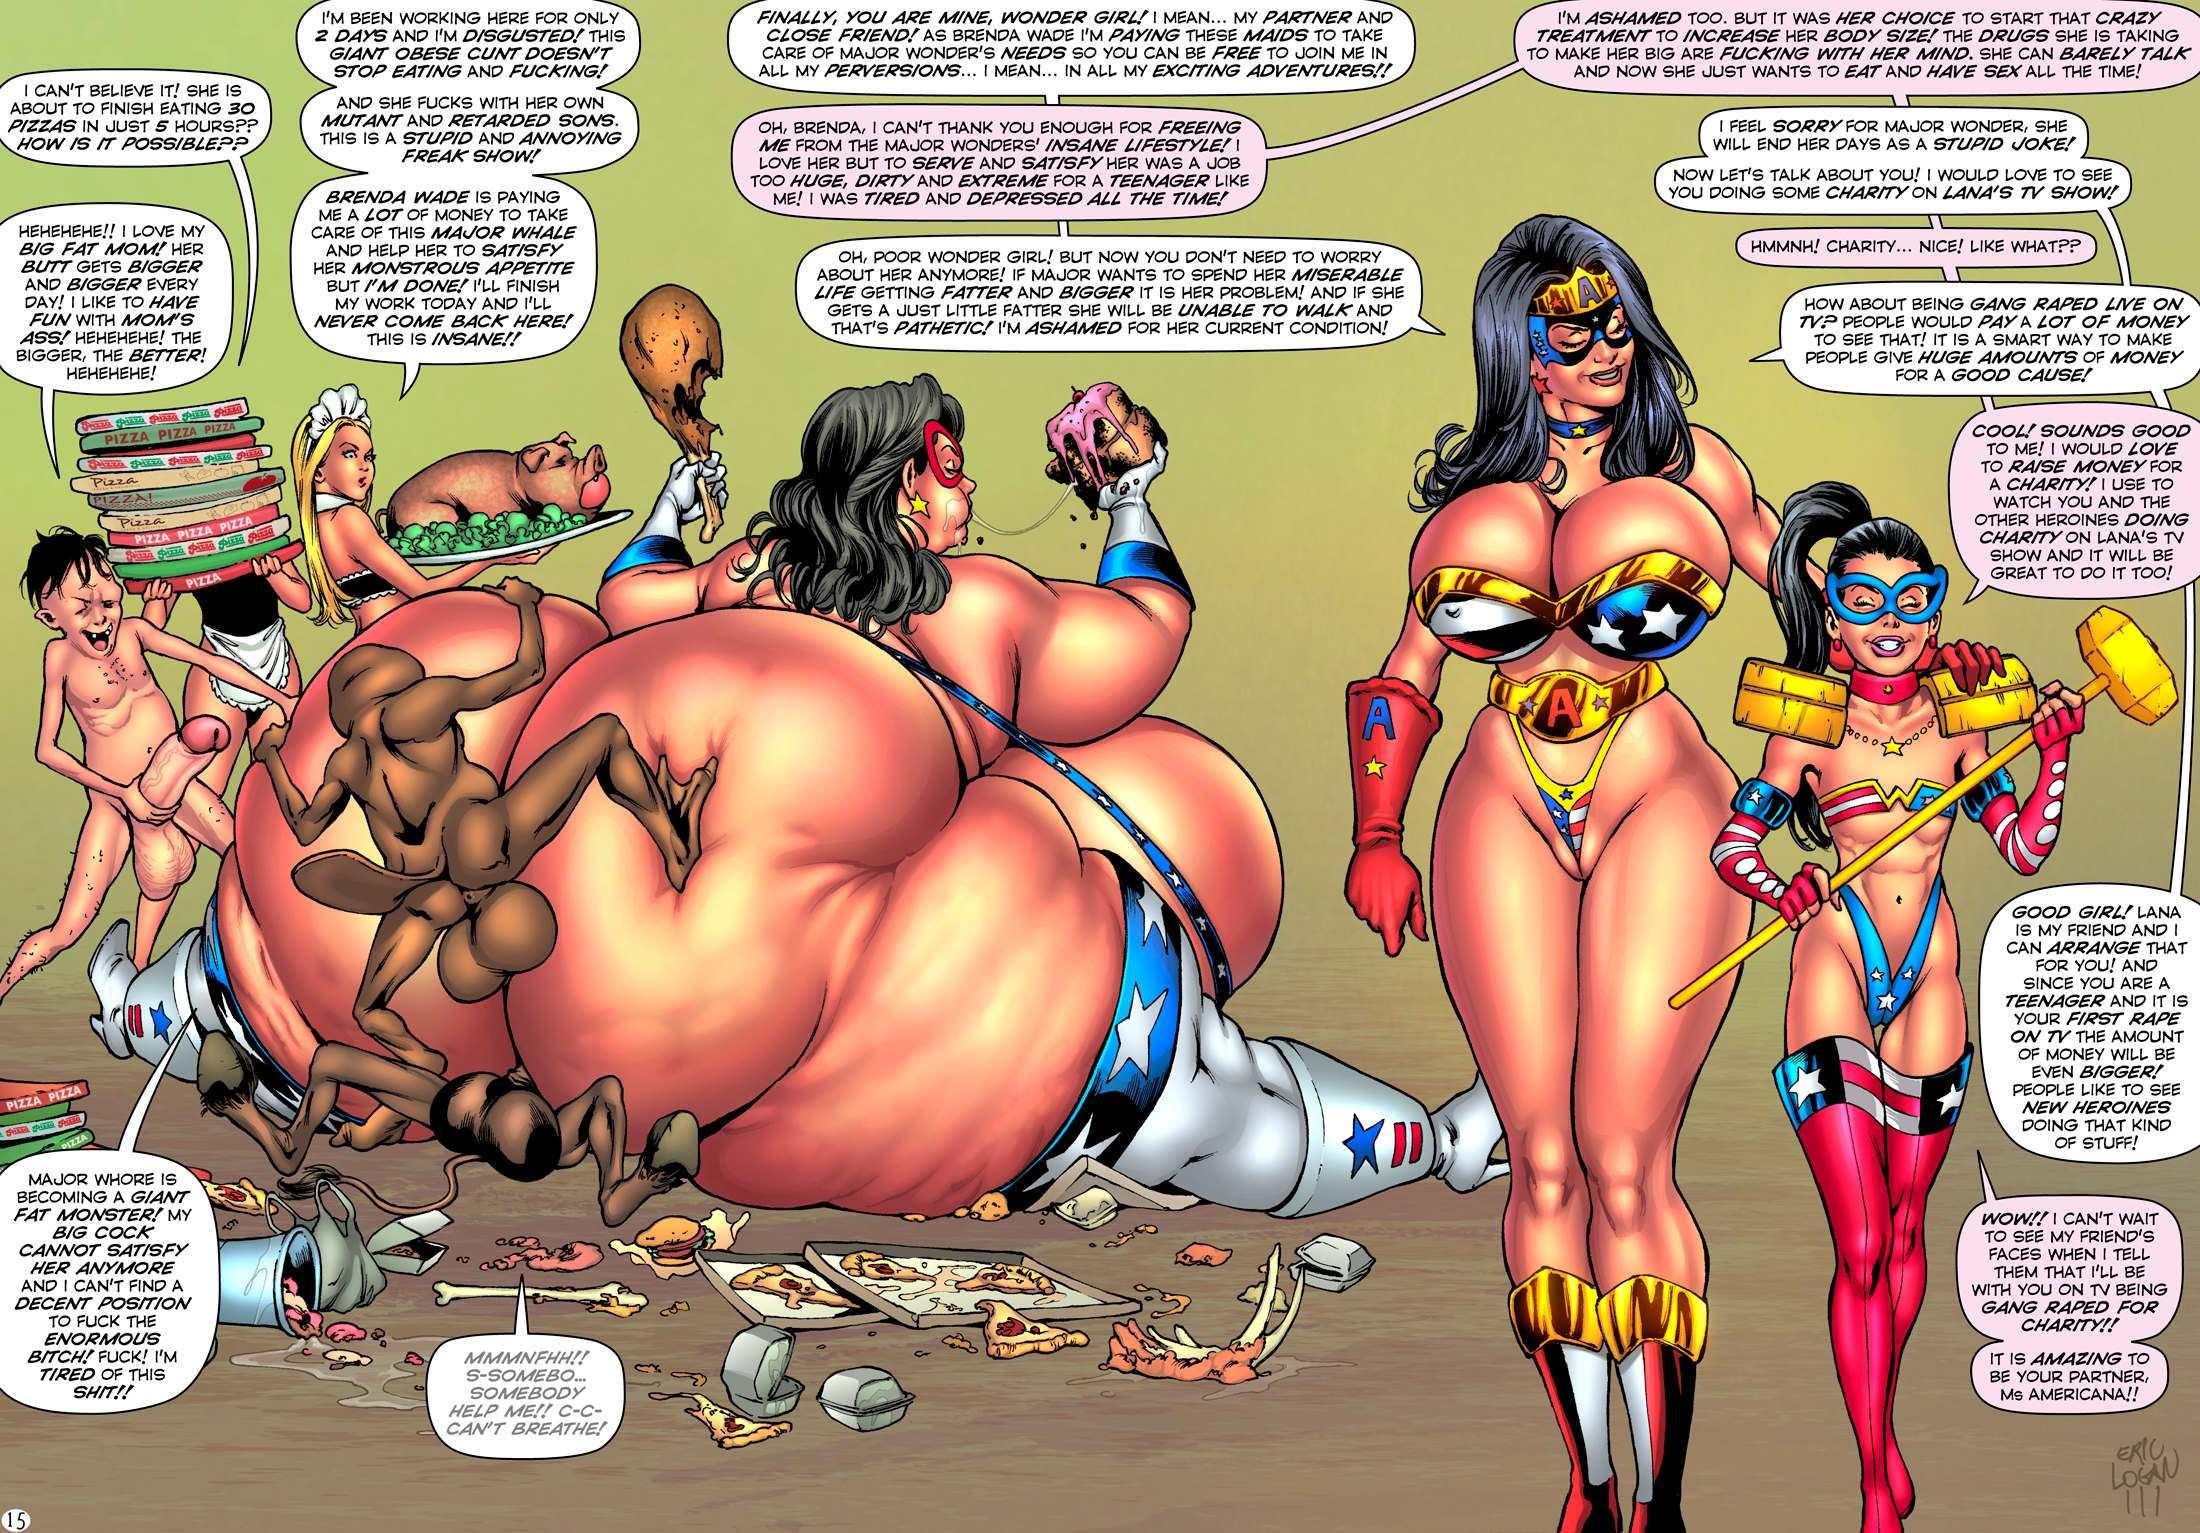 Porn Comics - Ms Americana – Dildo Fever (SuperHeroine ) porn comics 8 muses